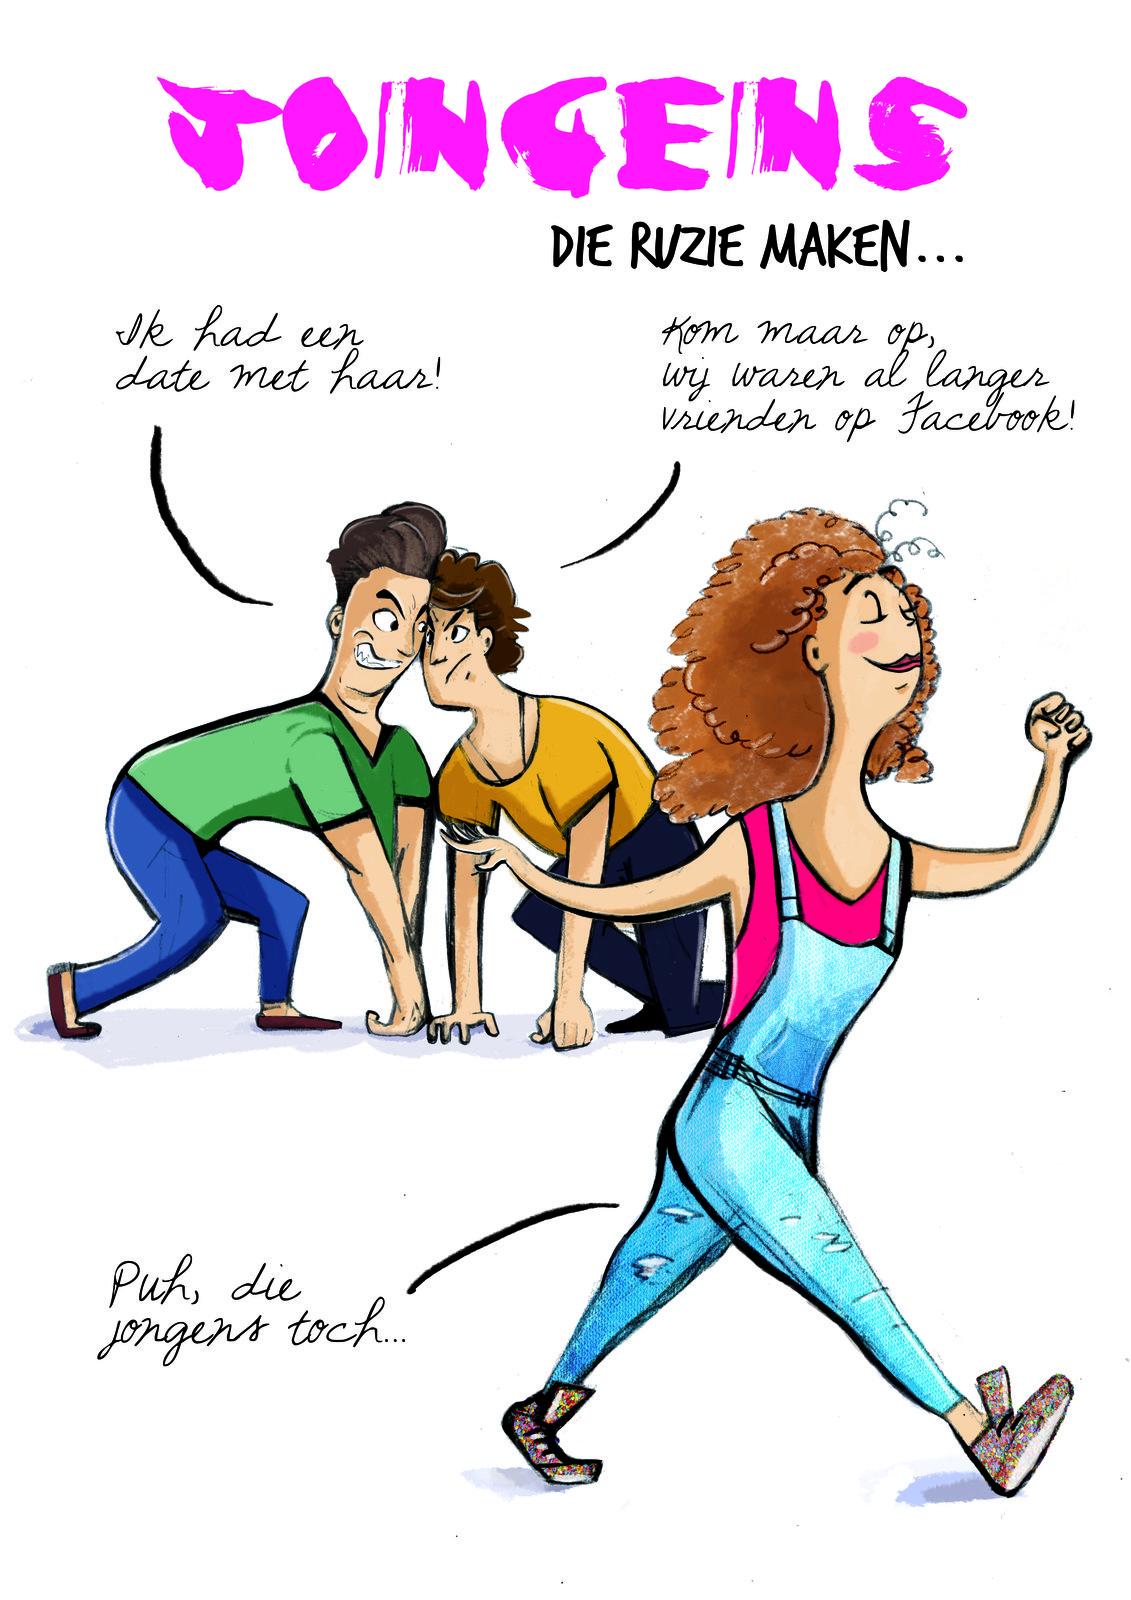 Joepie cartoon